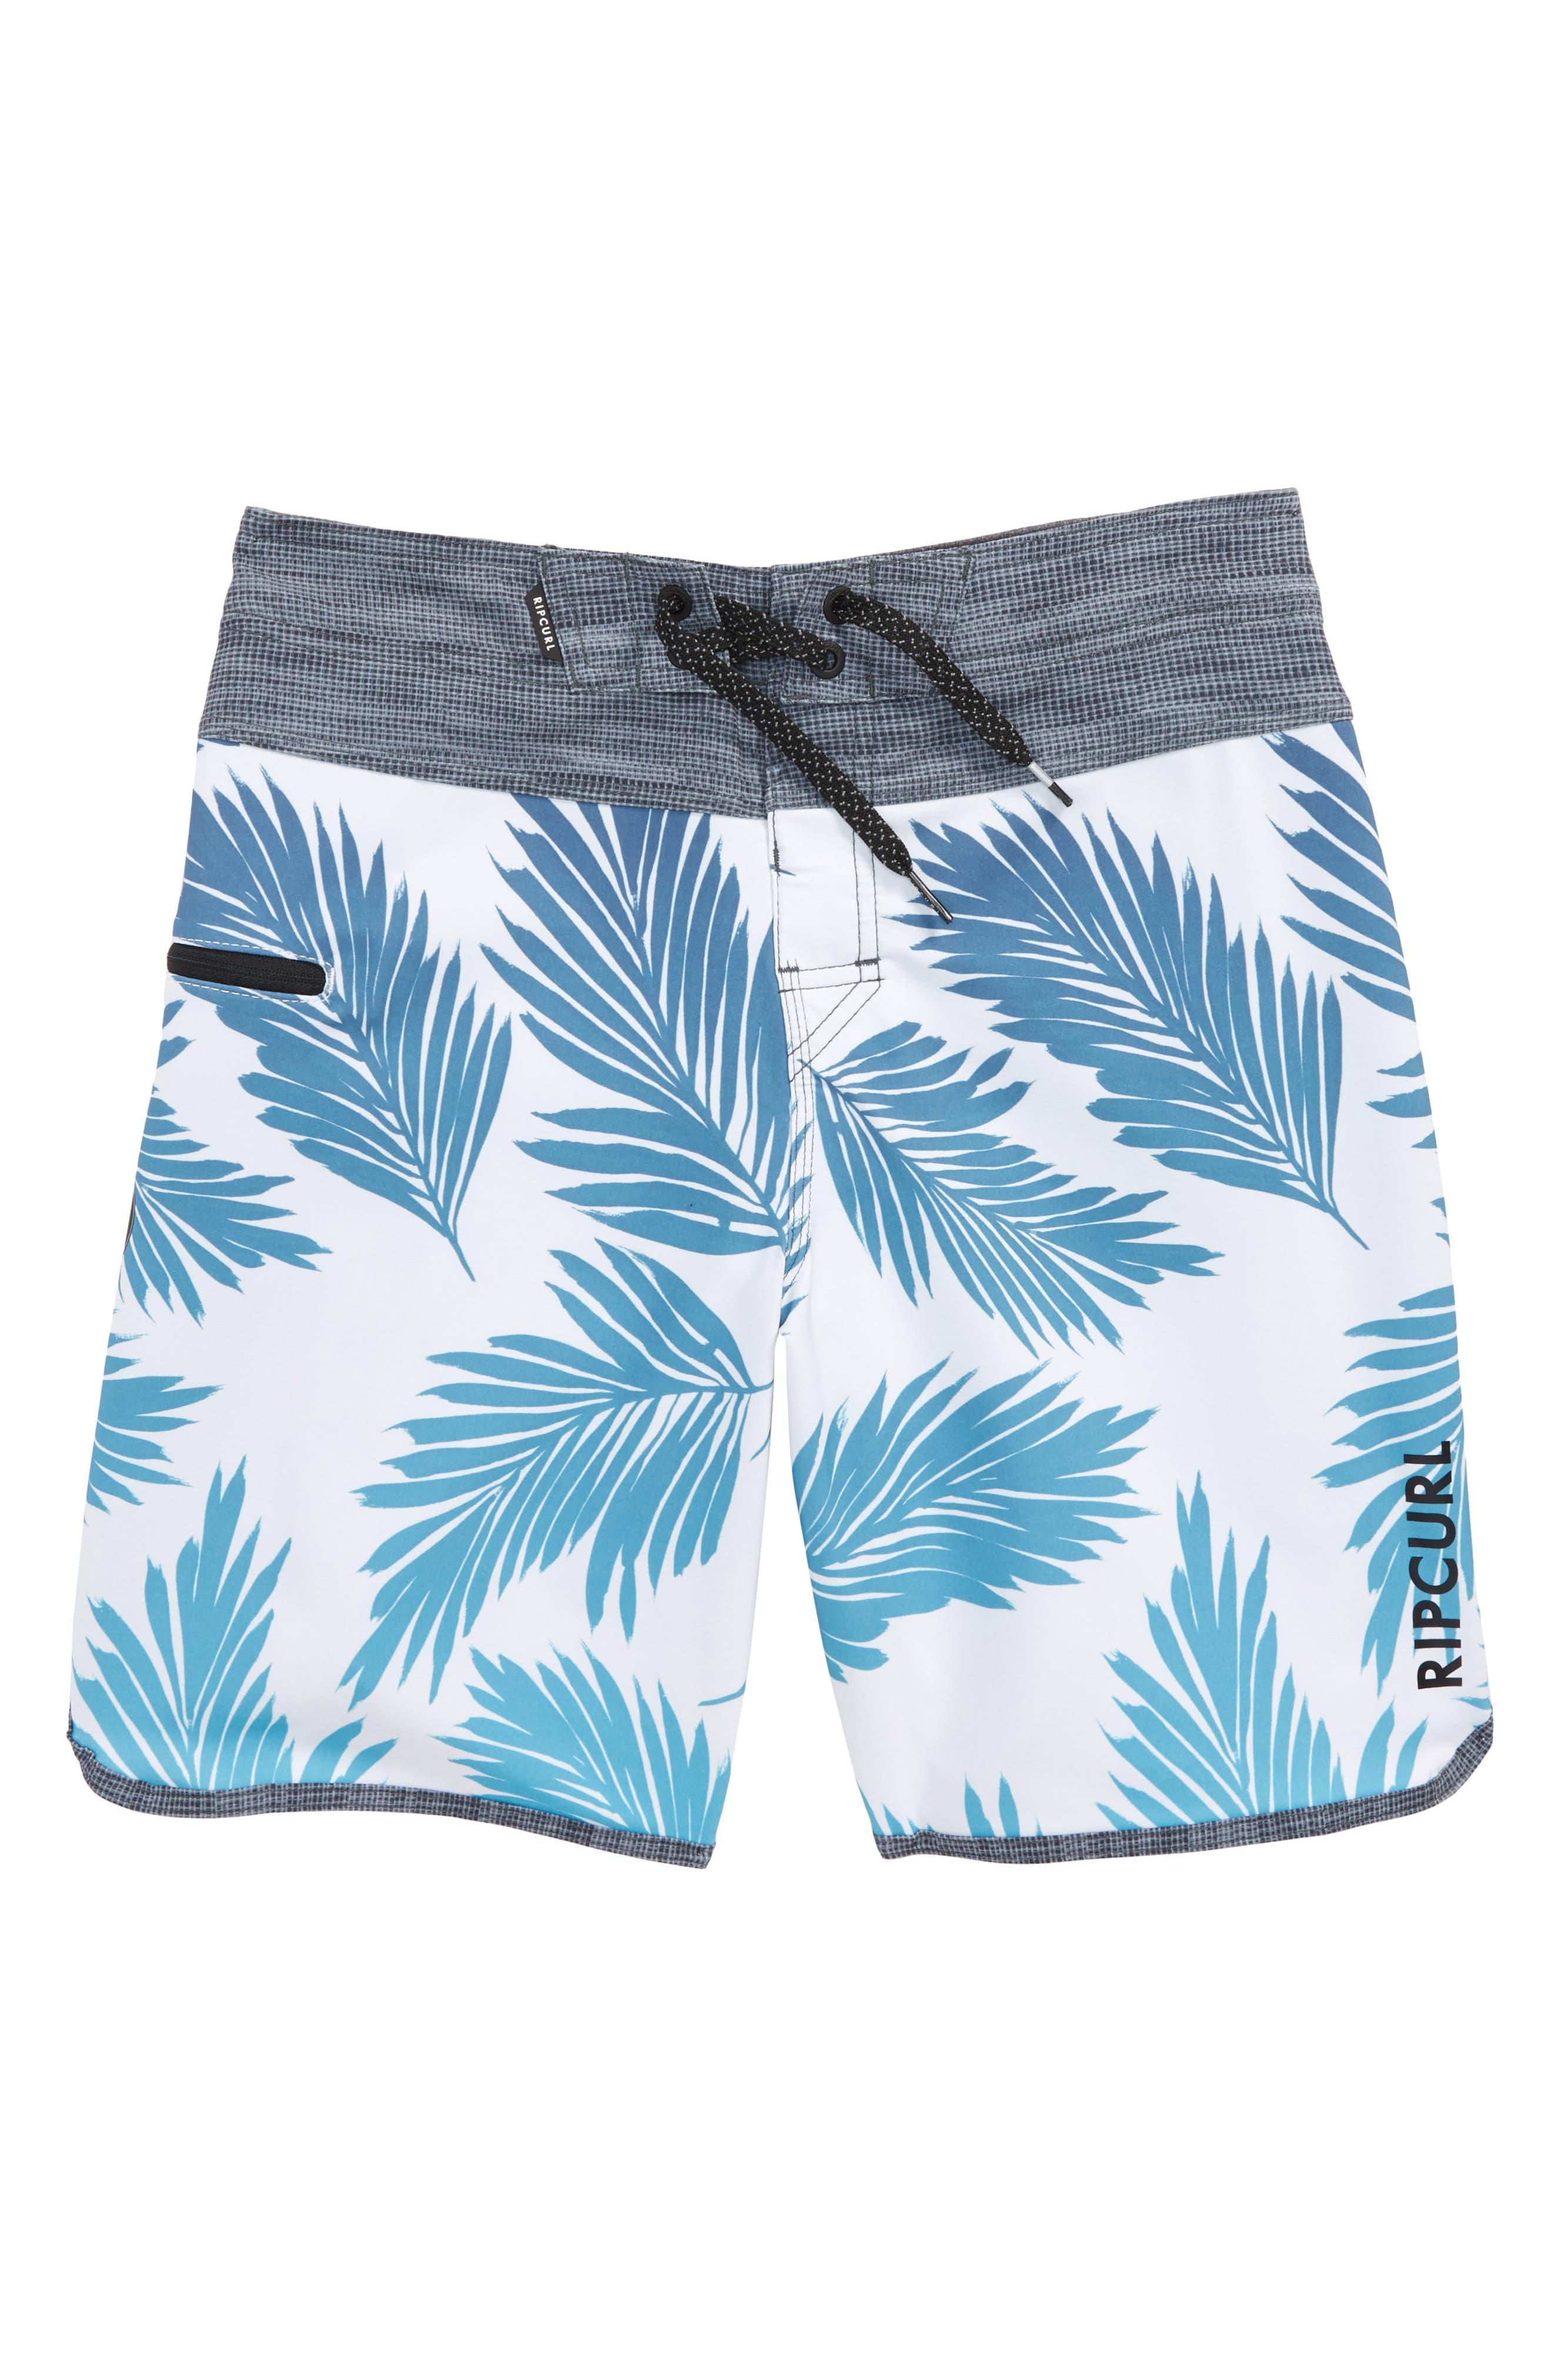 Mirage Mason Rockies Board Shorts,                         Main,                         color, Light Blue